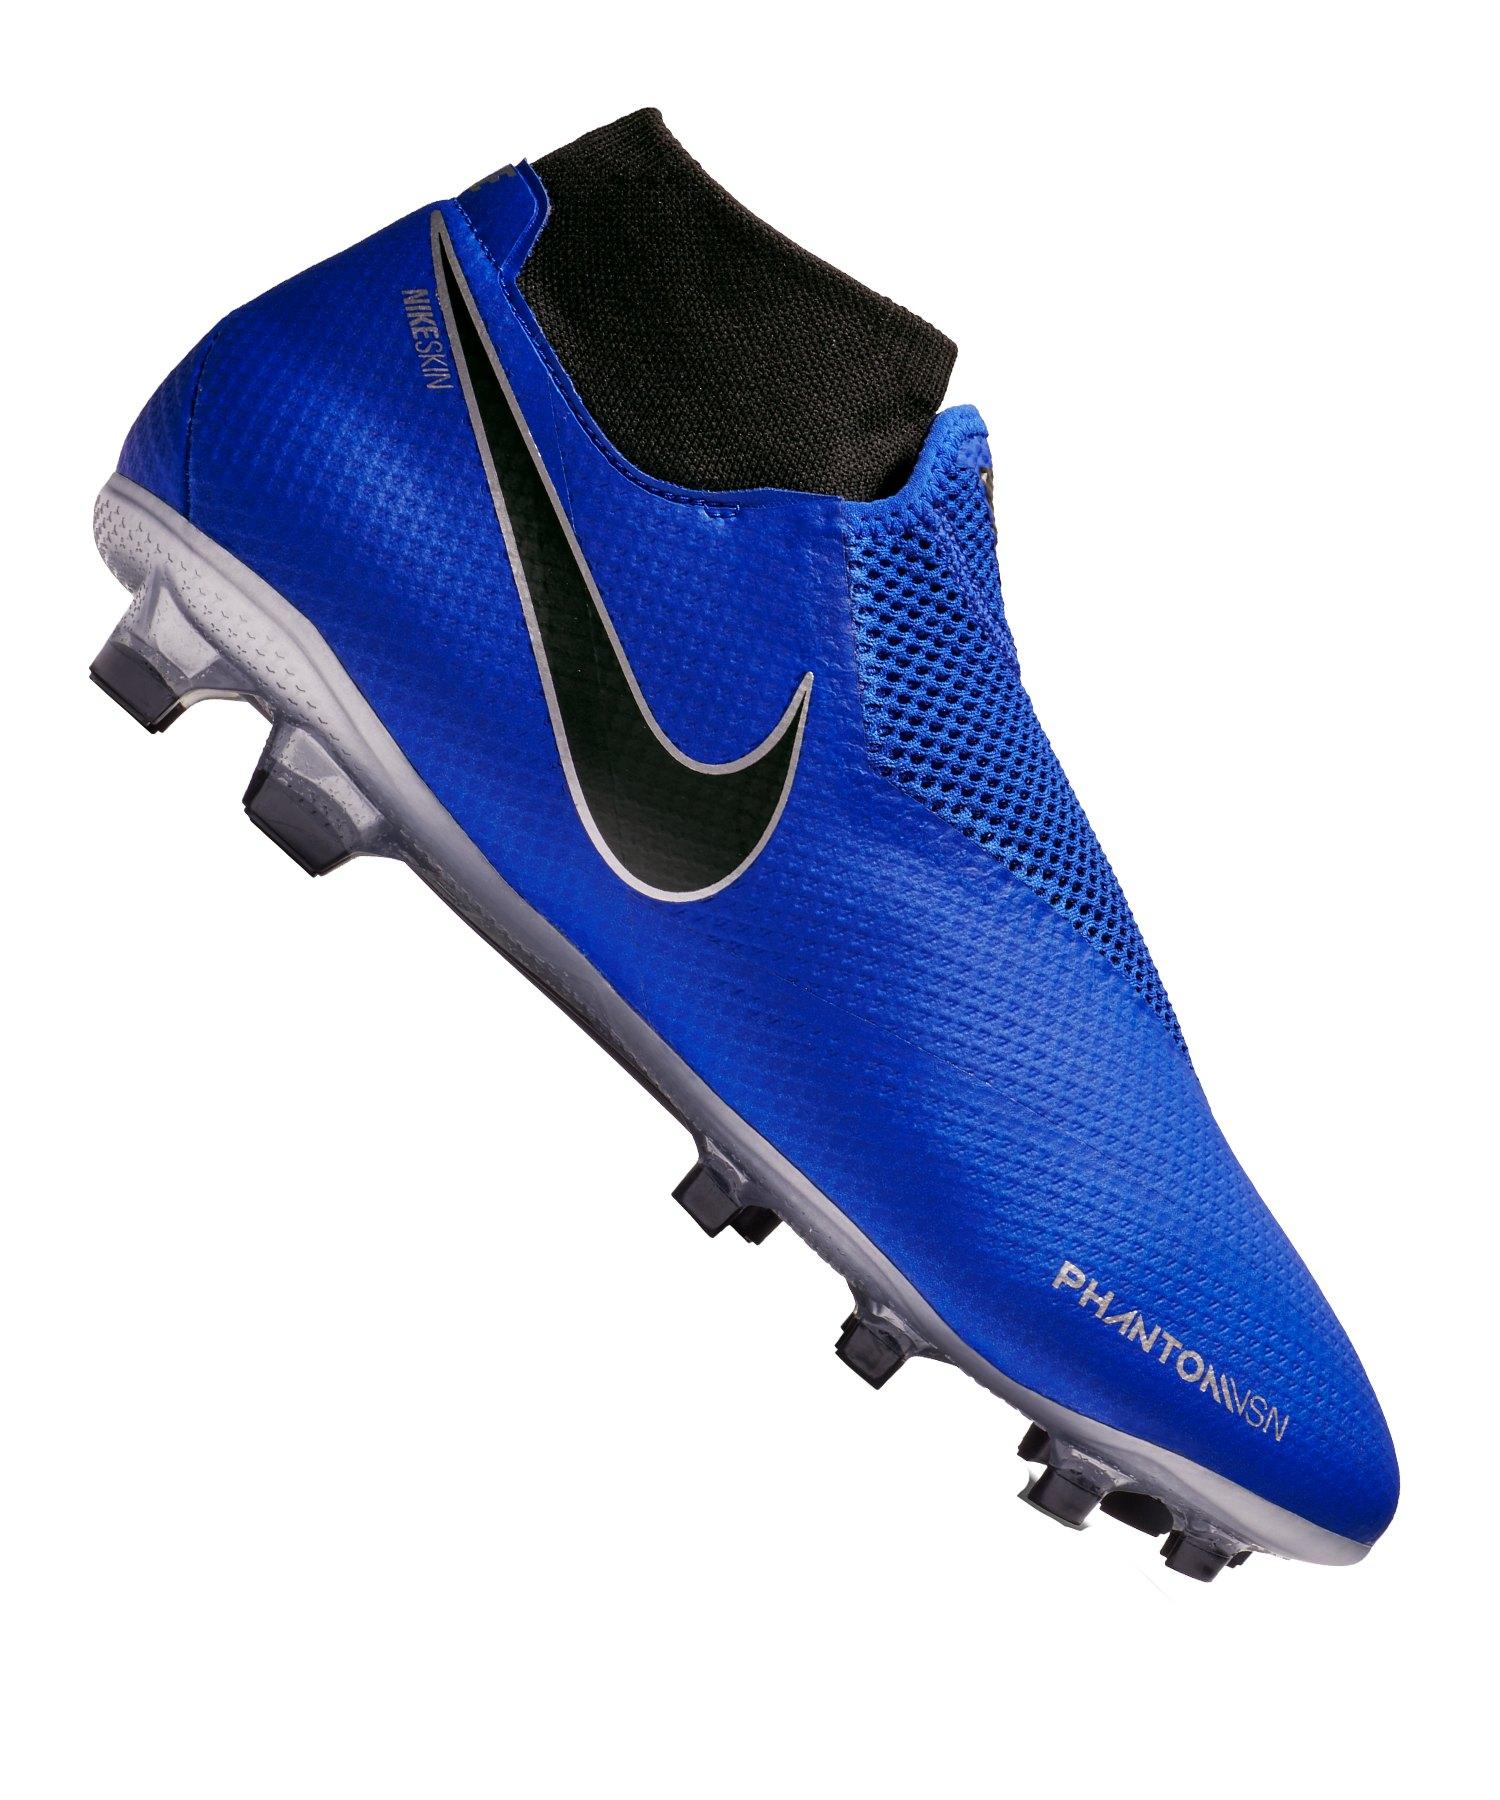 Nike Phantom Vision Pro FG Blau F400 - blau